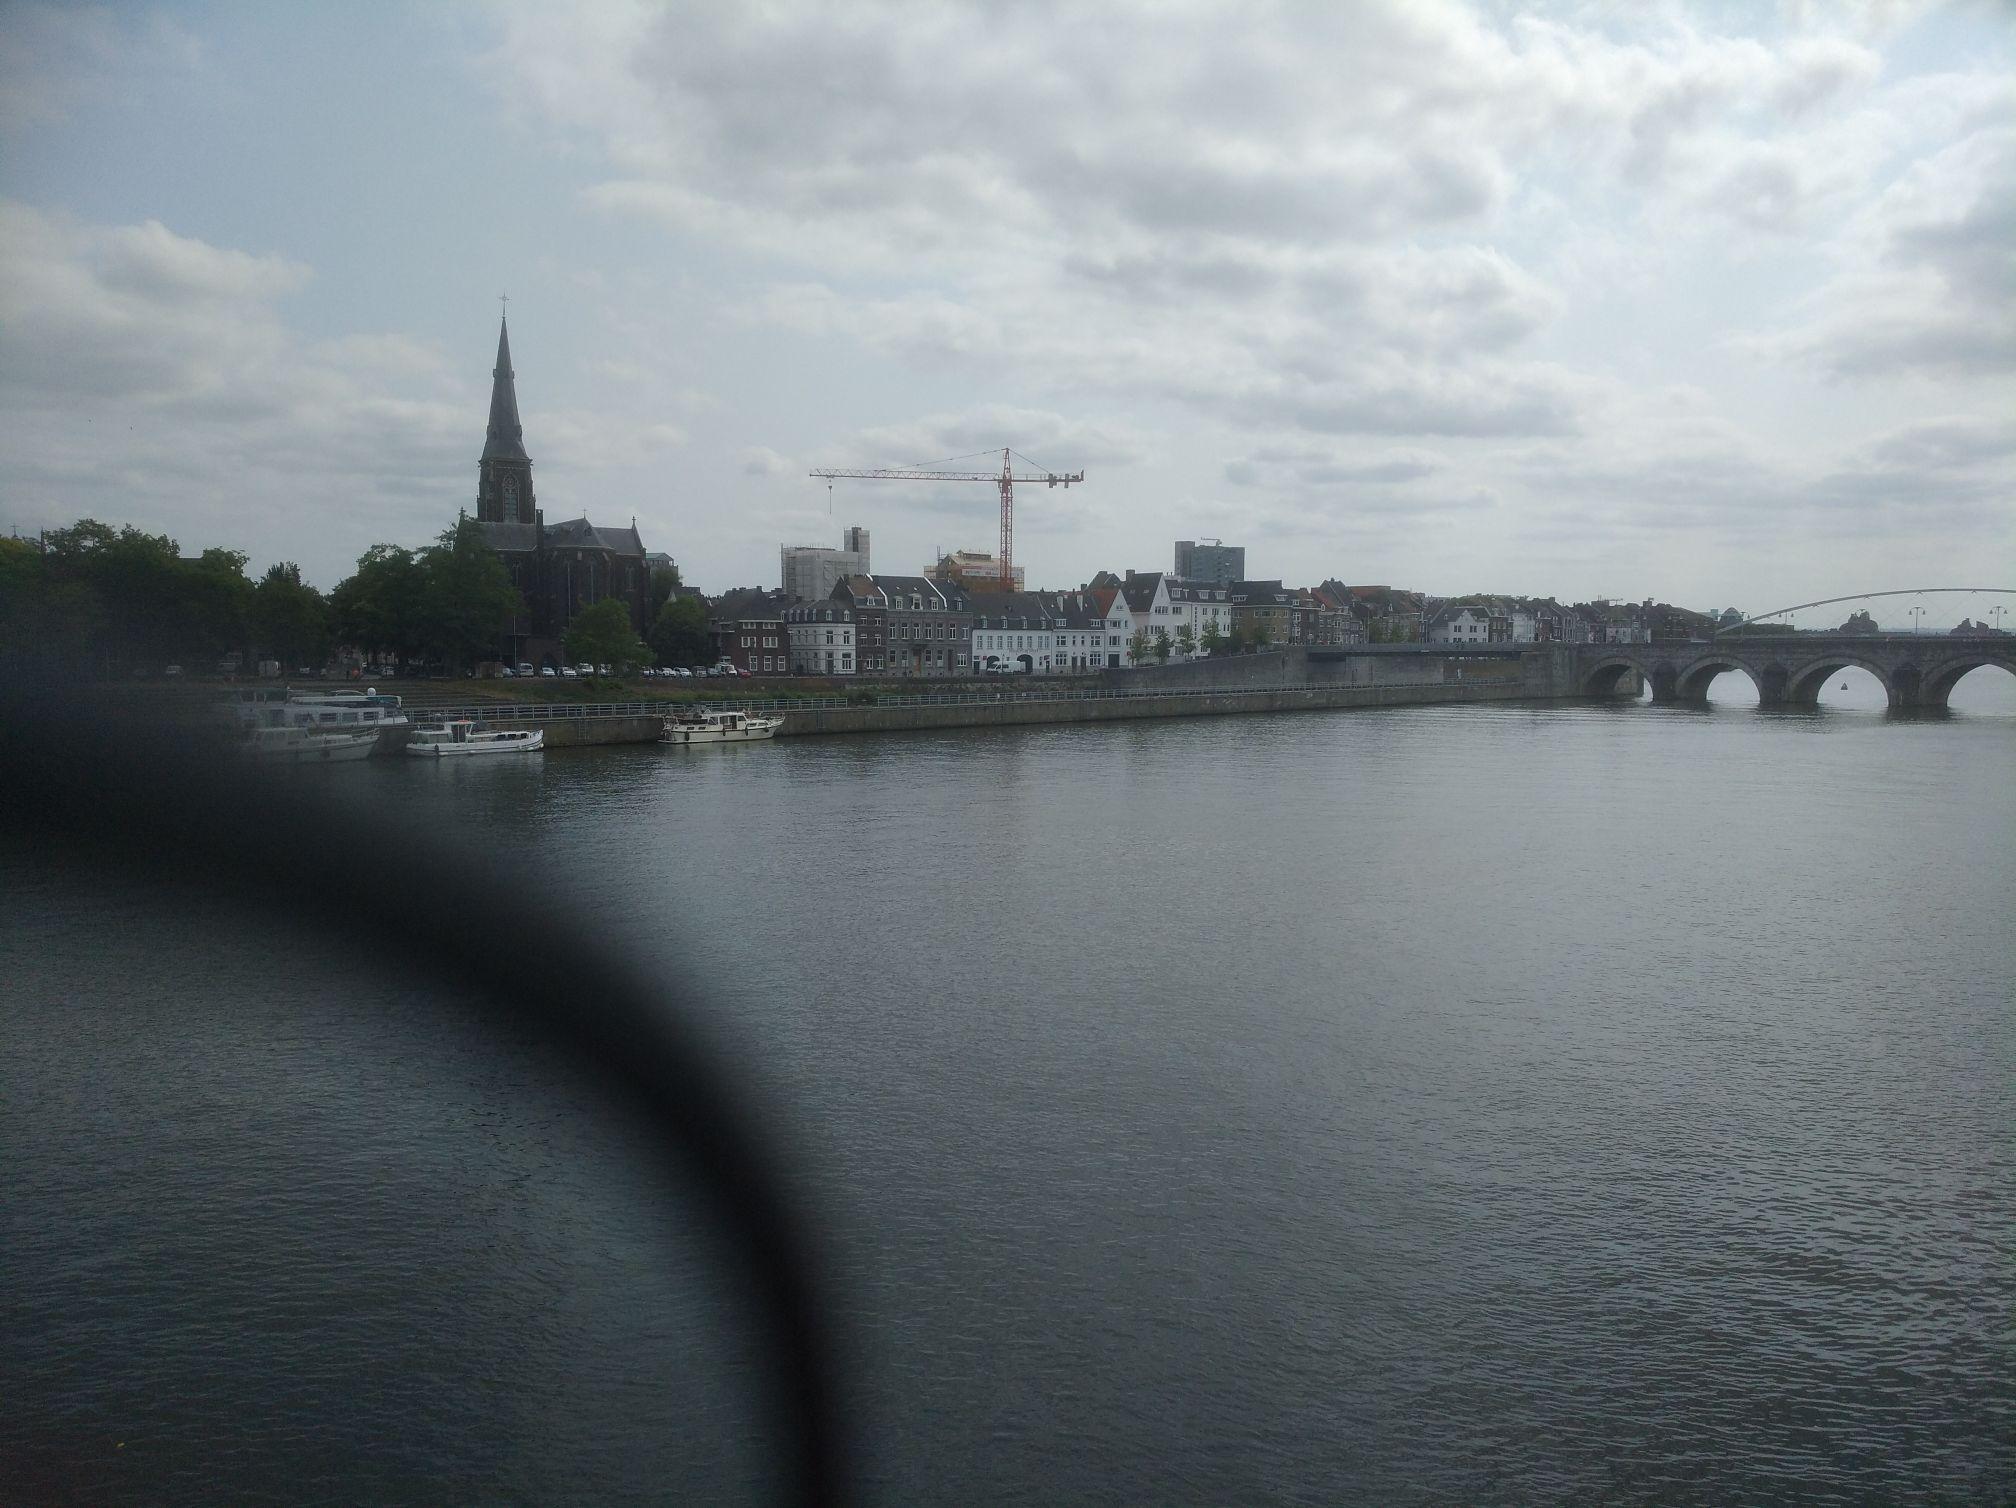 Gratis ijs en ijskoffie in Maastricht